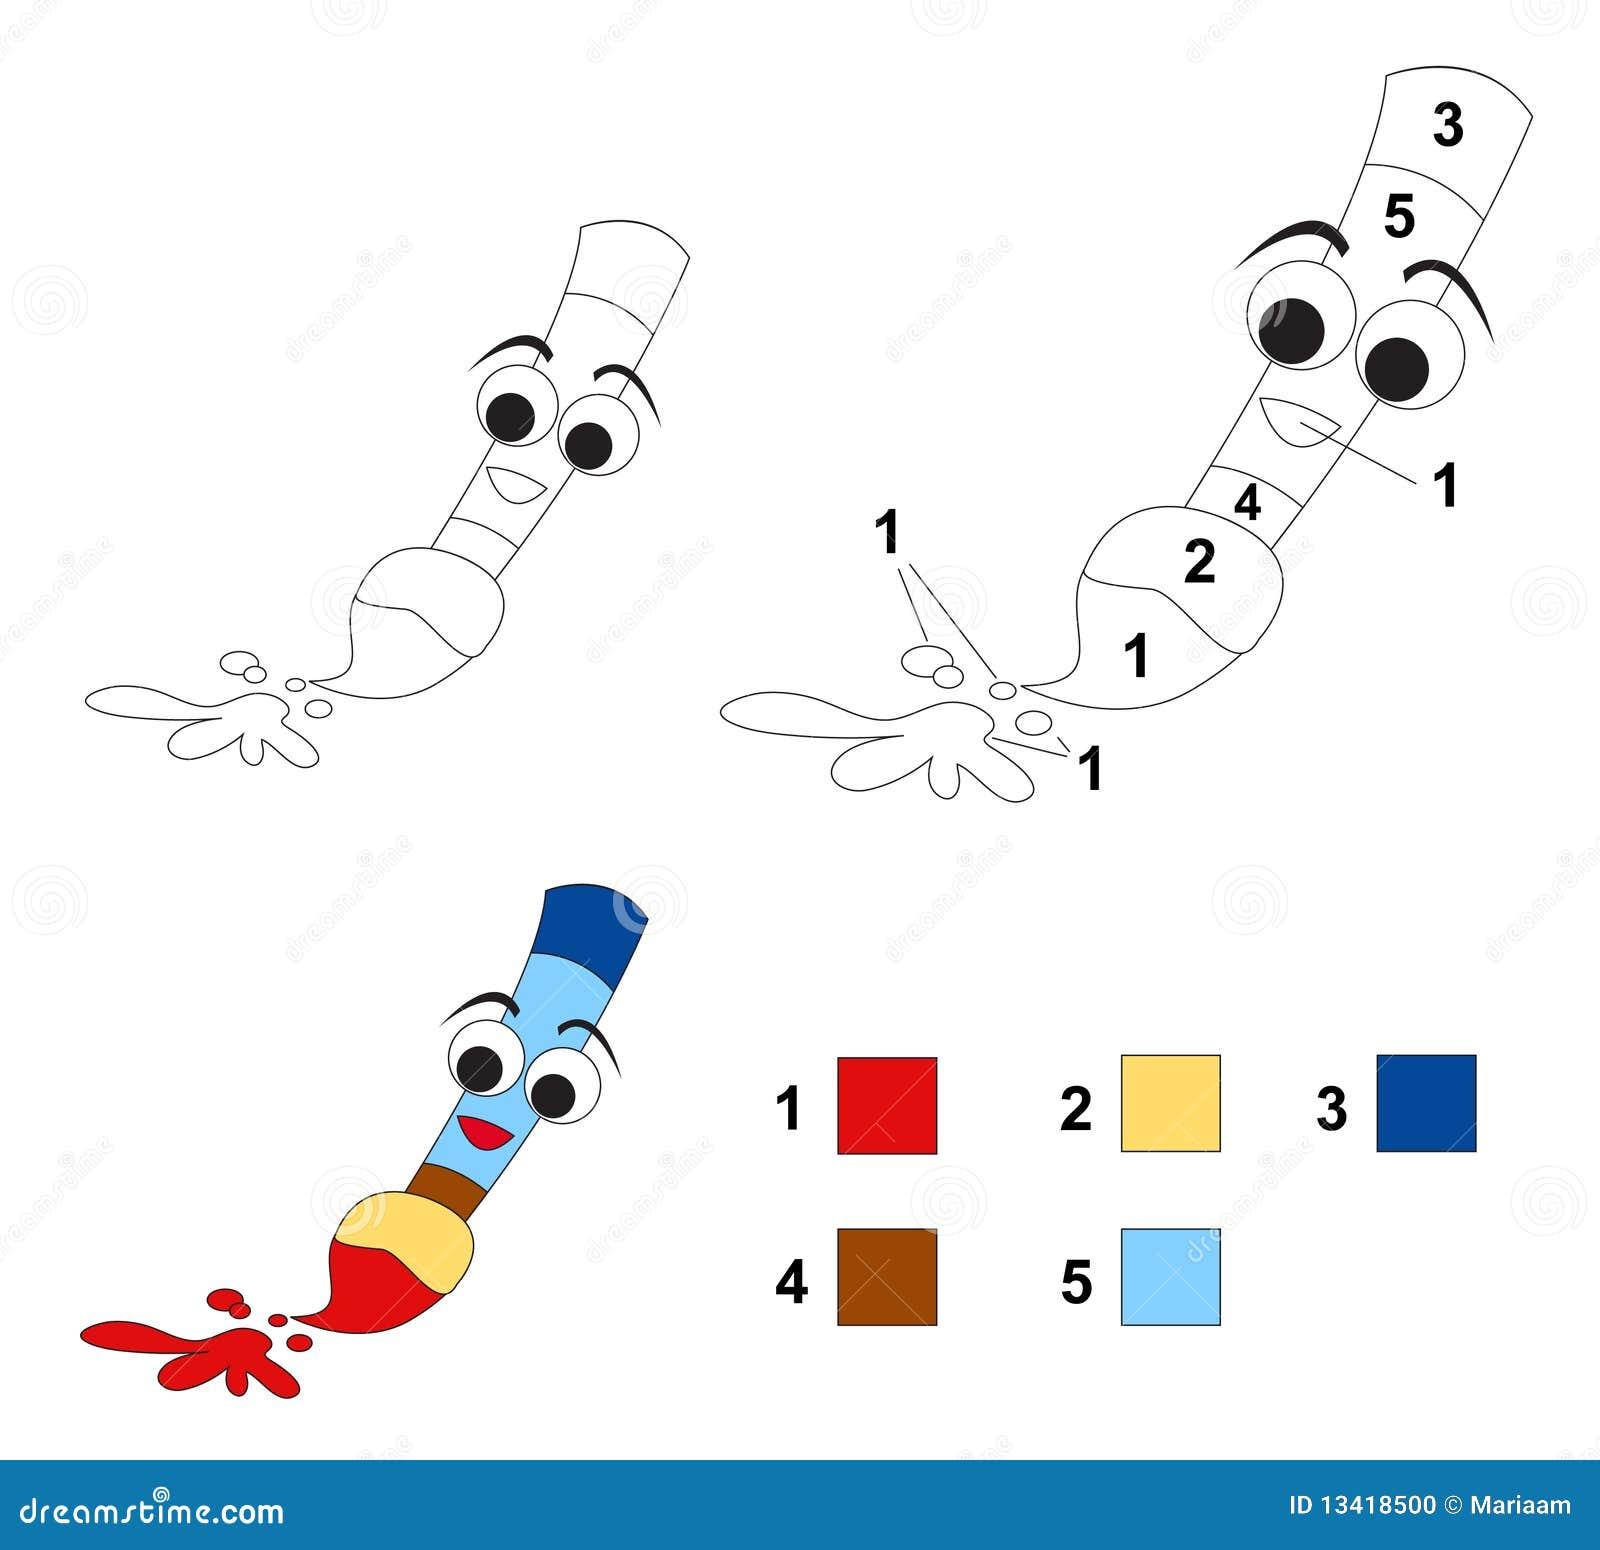 Kleur door aantalspel: Het penseel